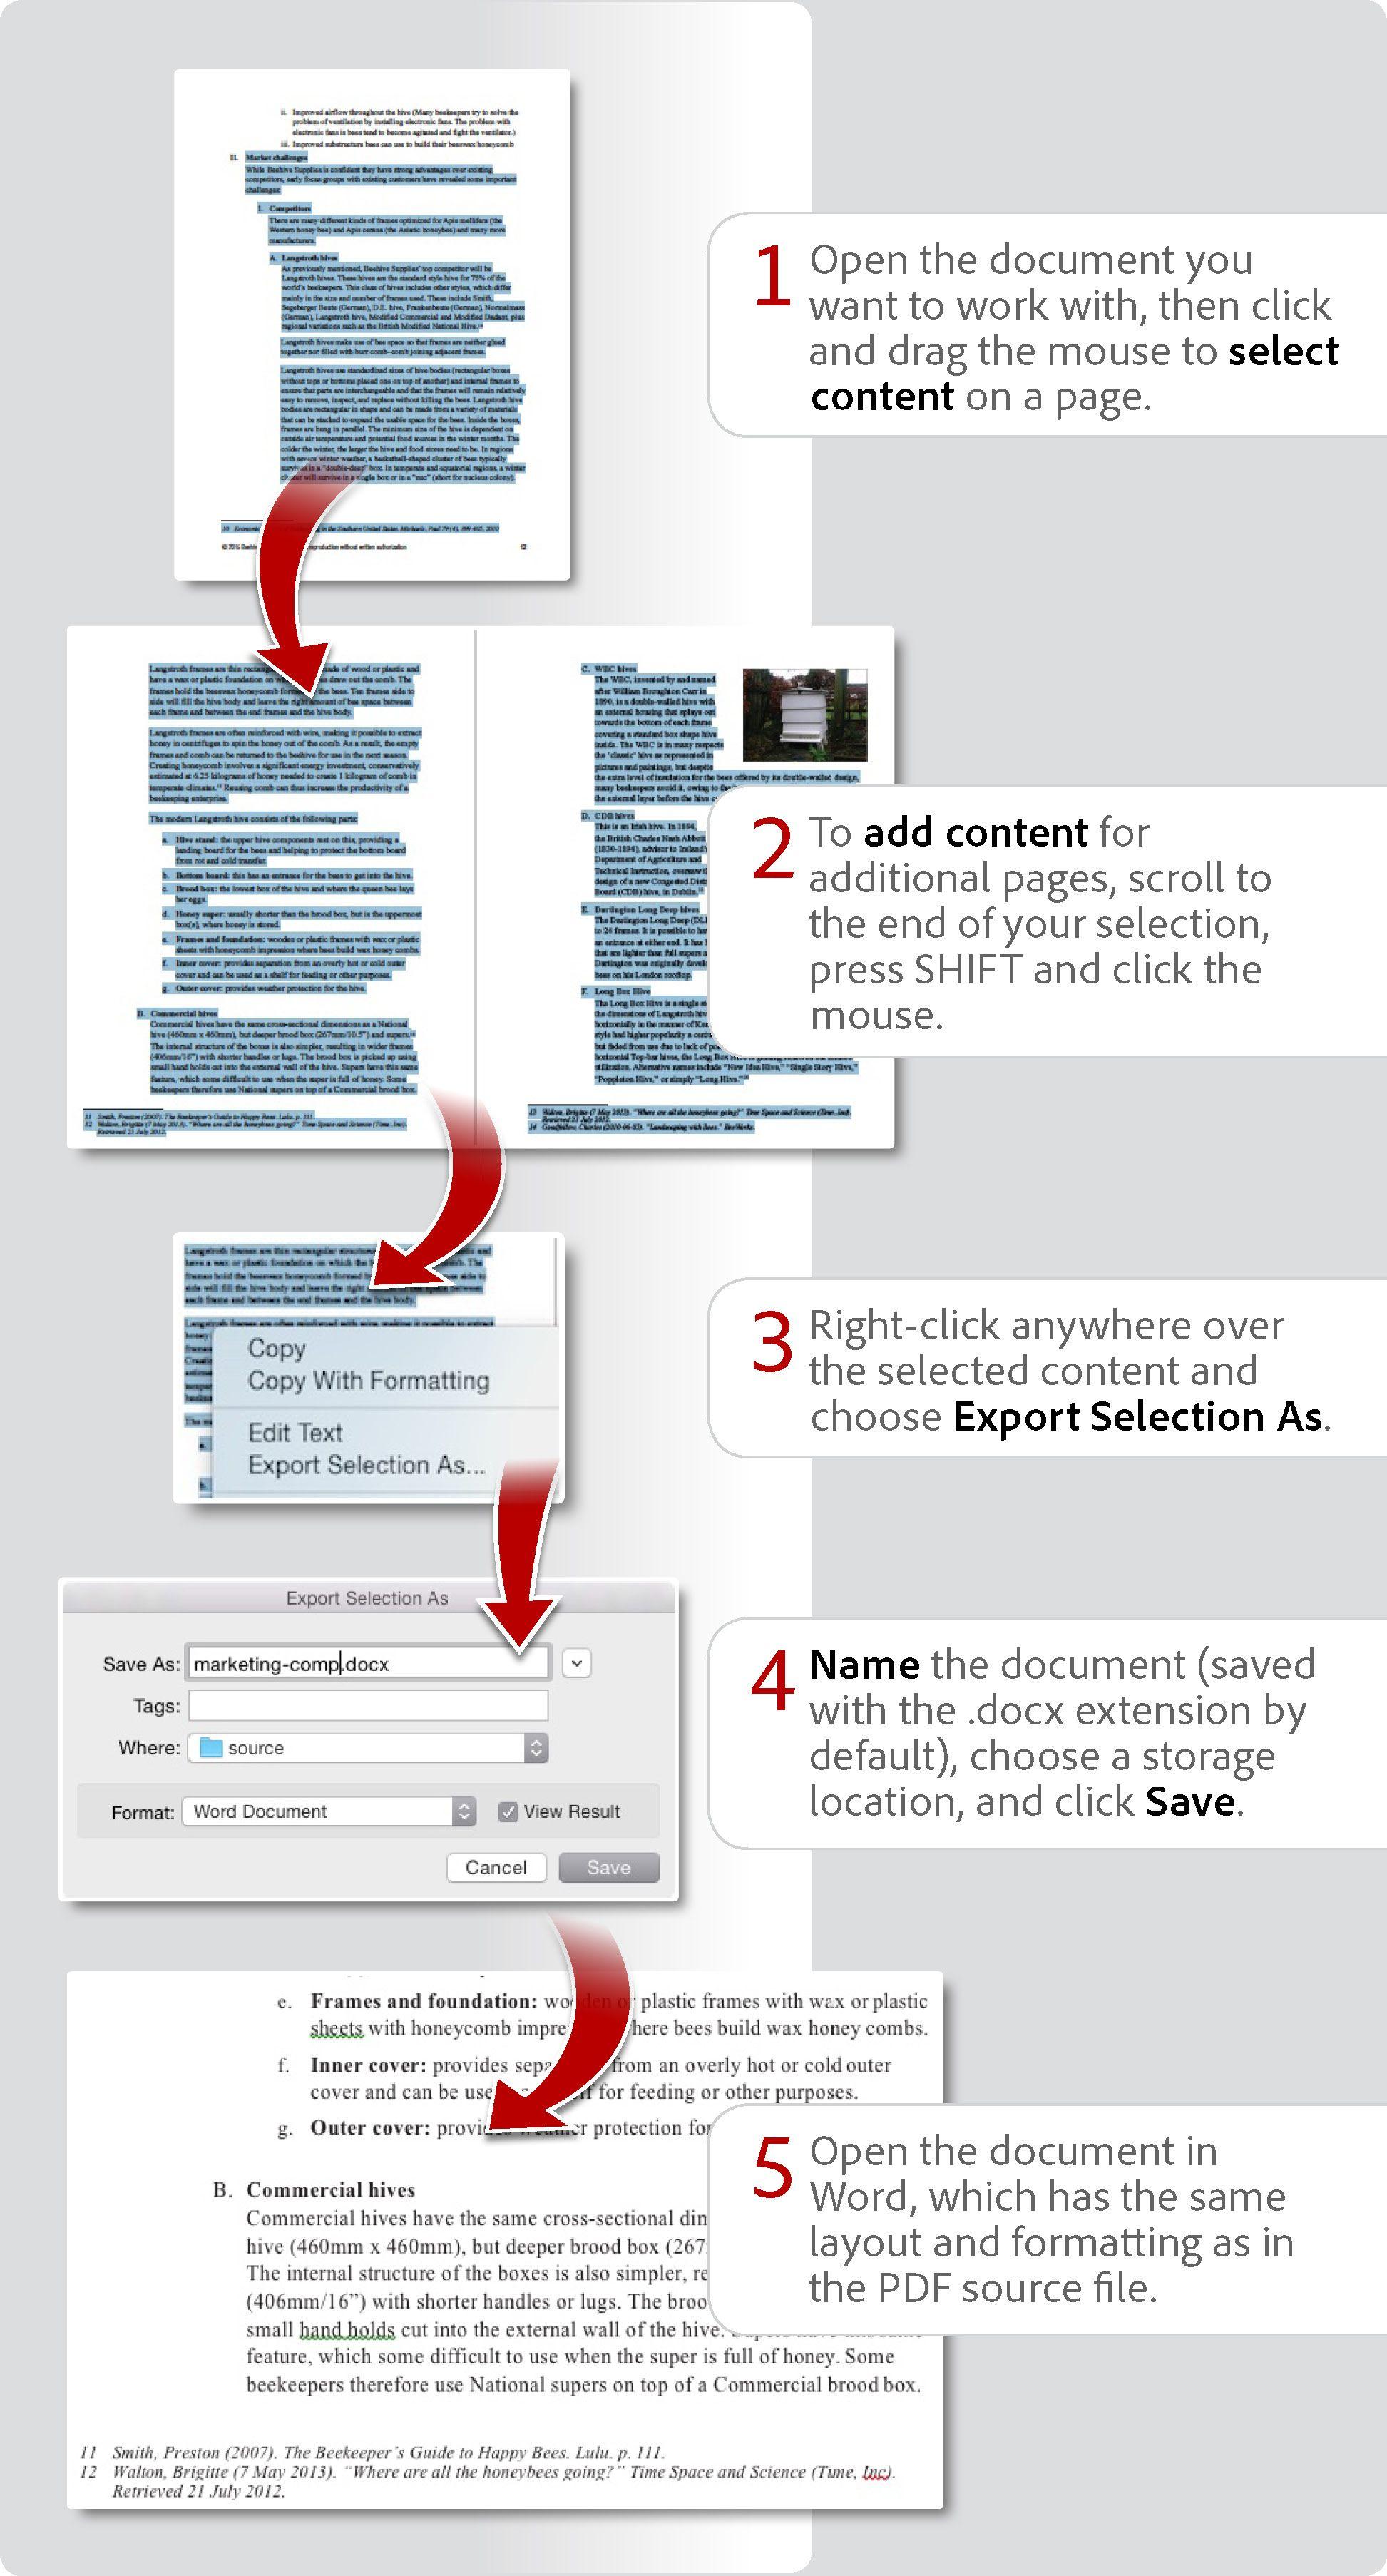 How To Convert Pdf To Word Pdf To Word Converter How To Convert Pdf To Excel Adobe Acrobat Acrobatics Pdf Adobe Acrobat